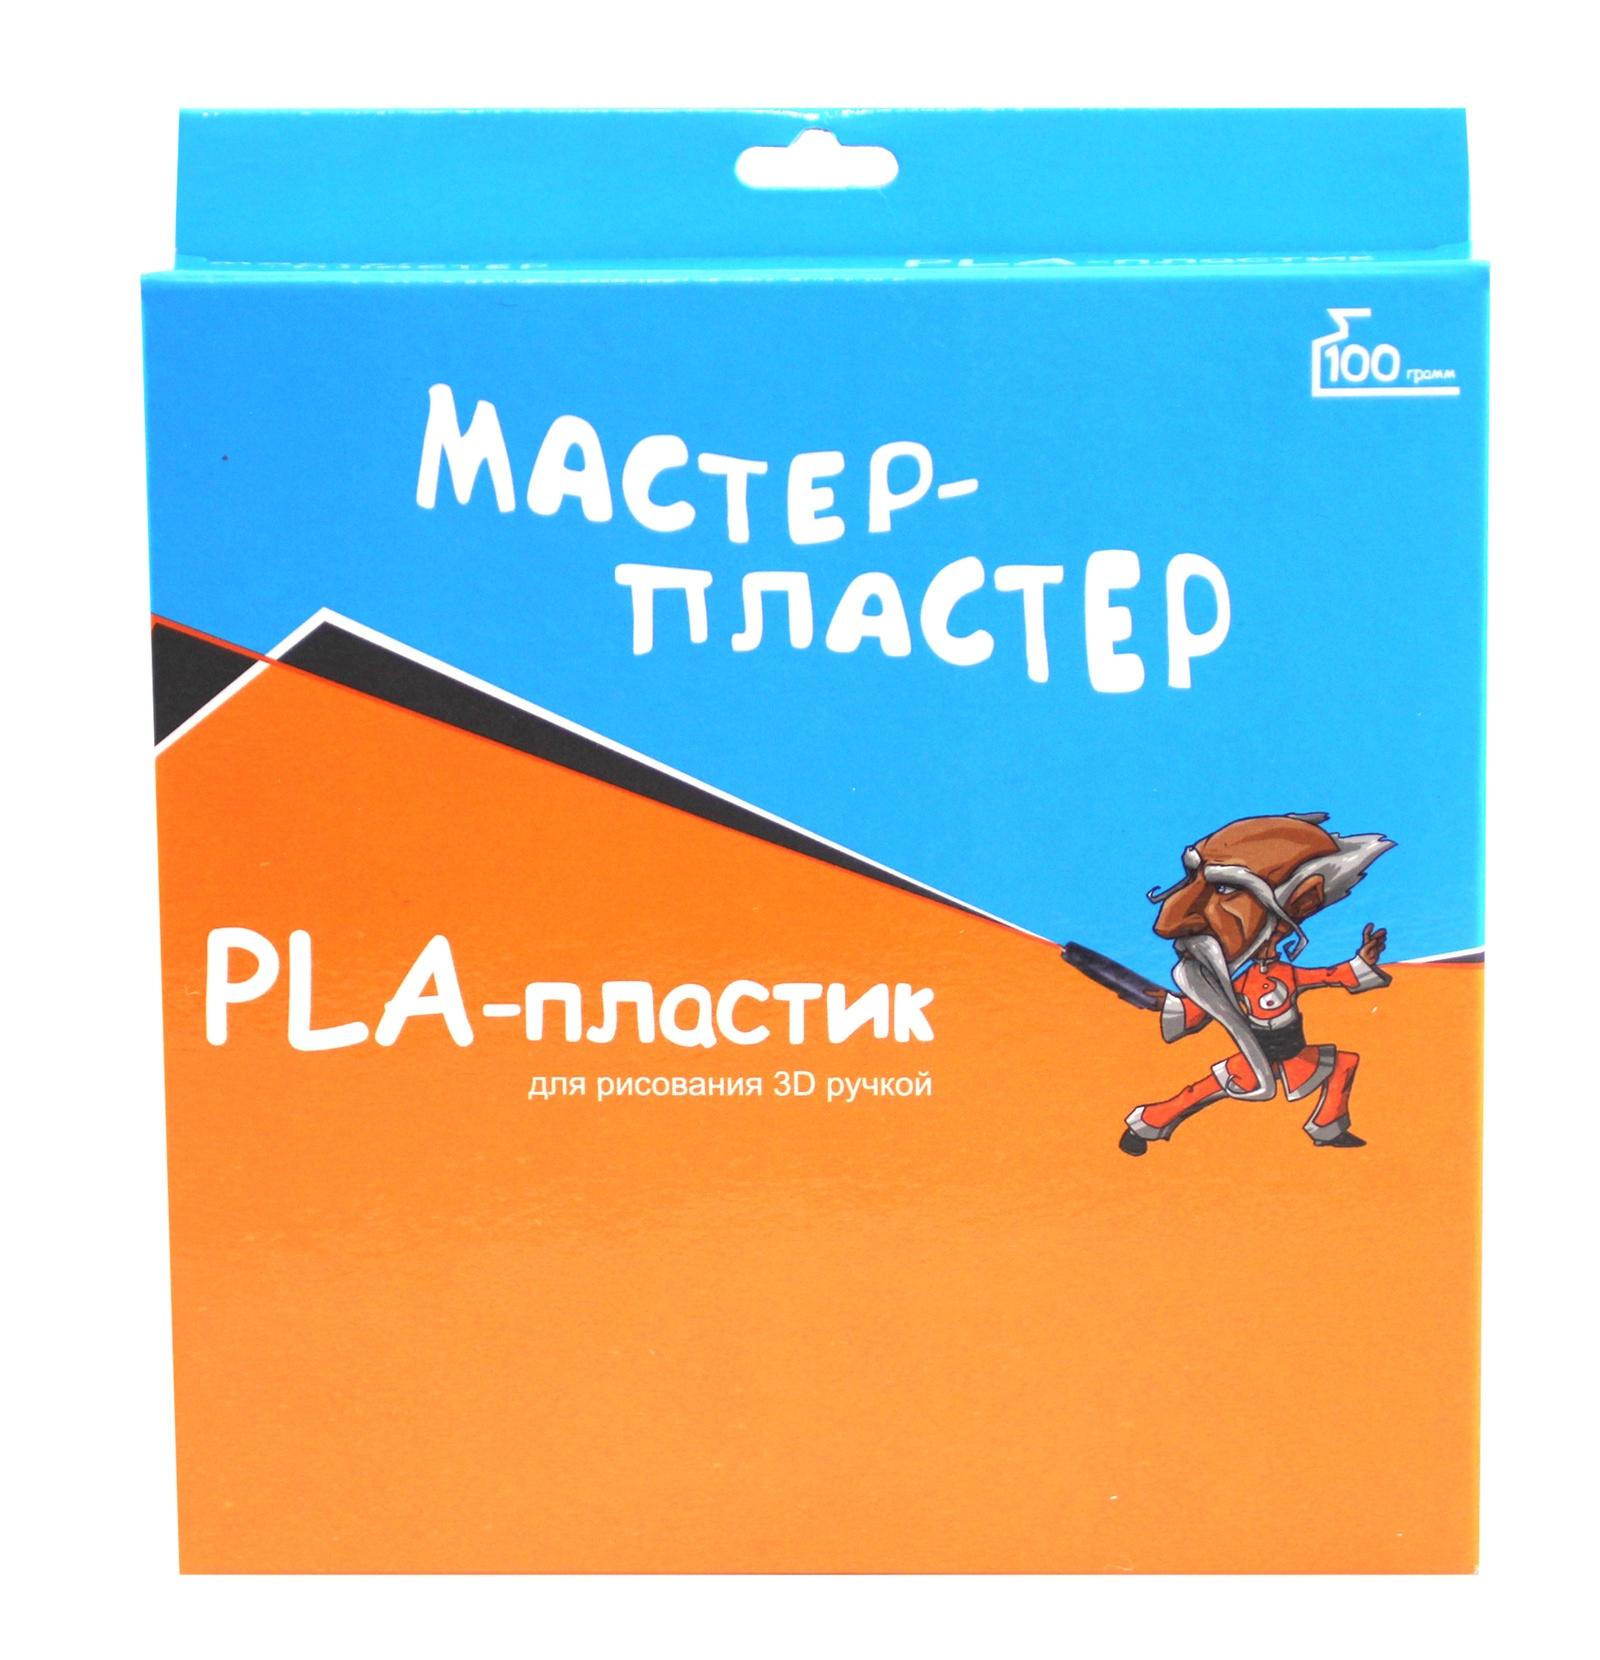 Картридж для 3D ручки Мастер-Пластер Набор цветного PLA пластика